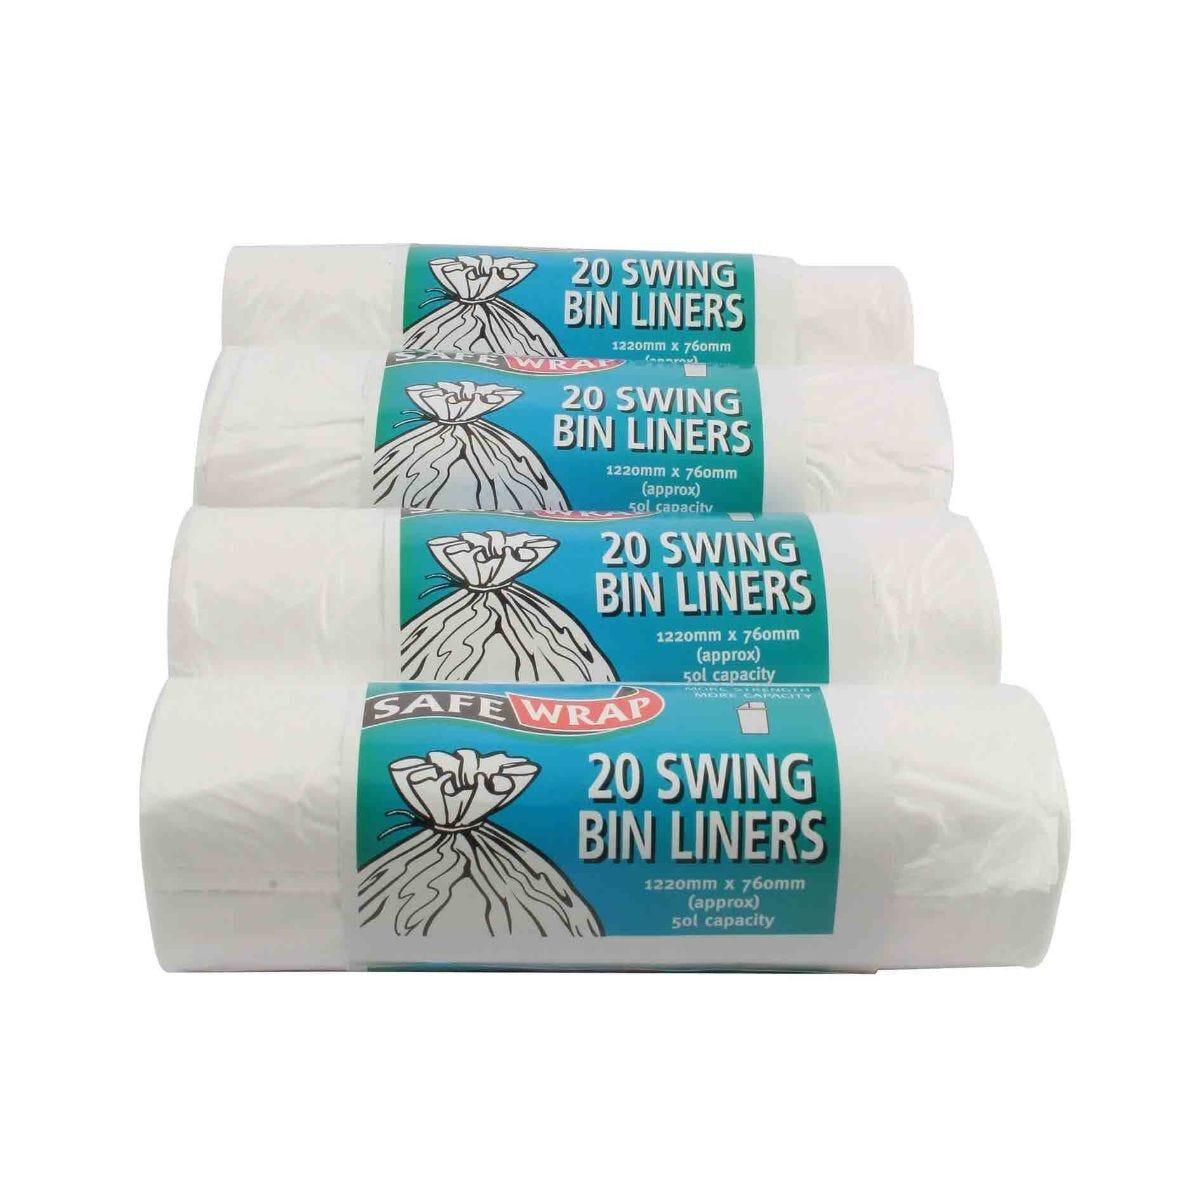 Safewrap Swing Bin Liners 50L Pack of 80